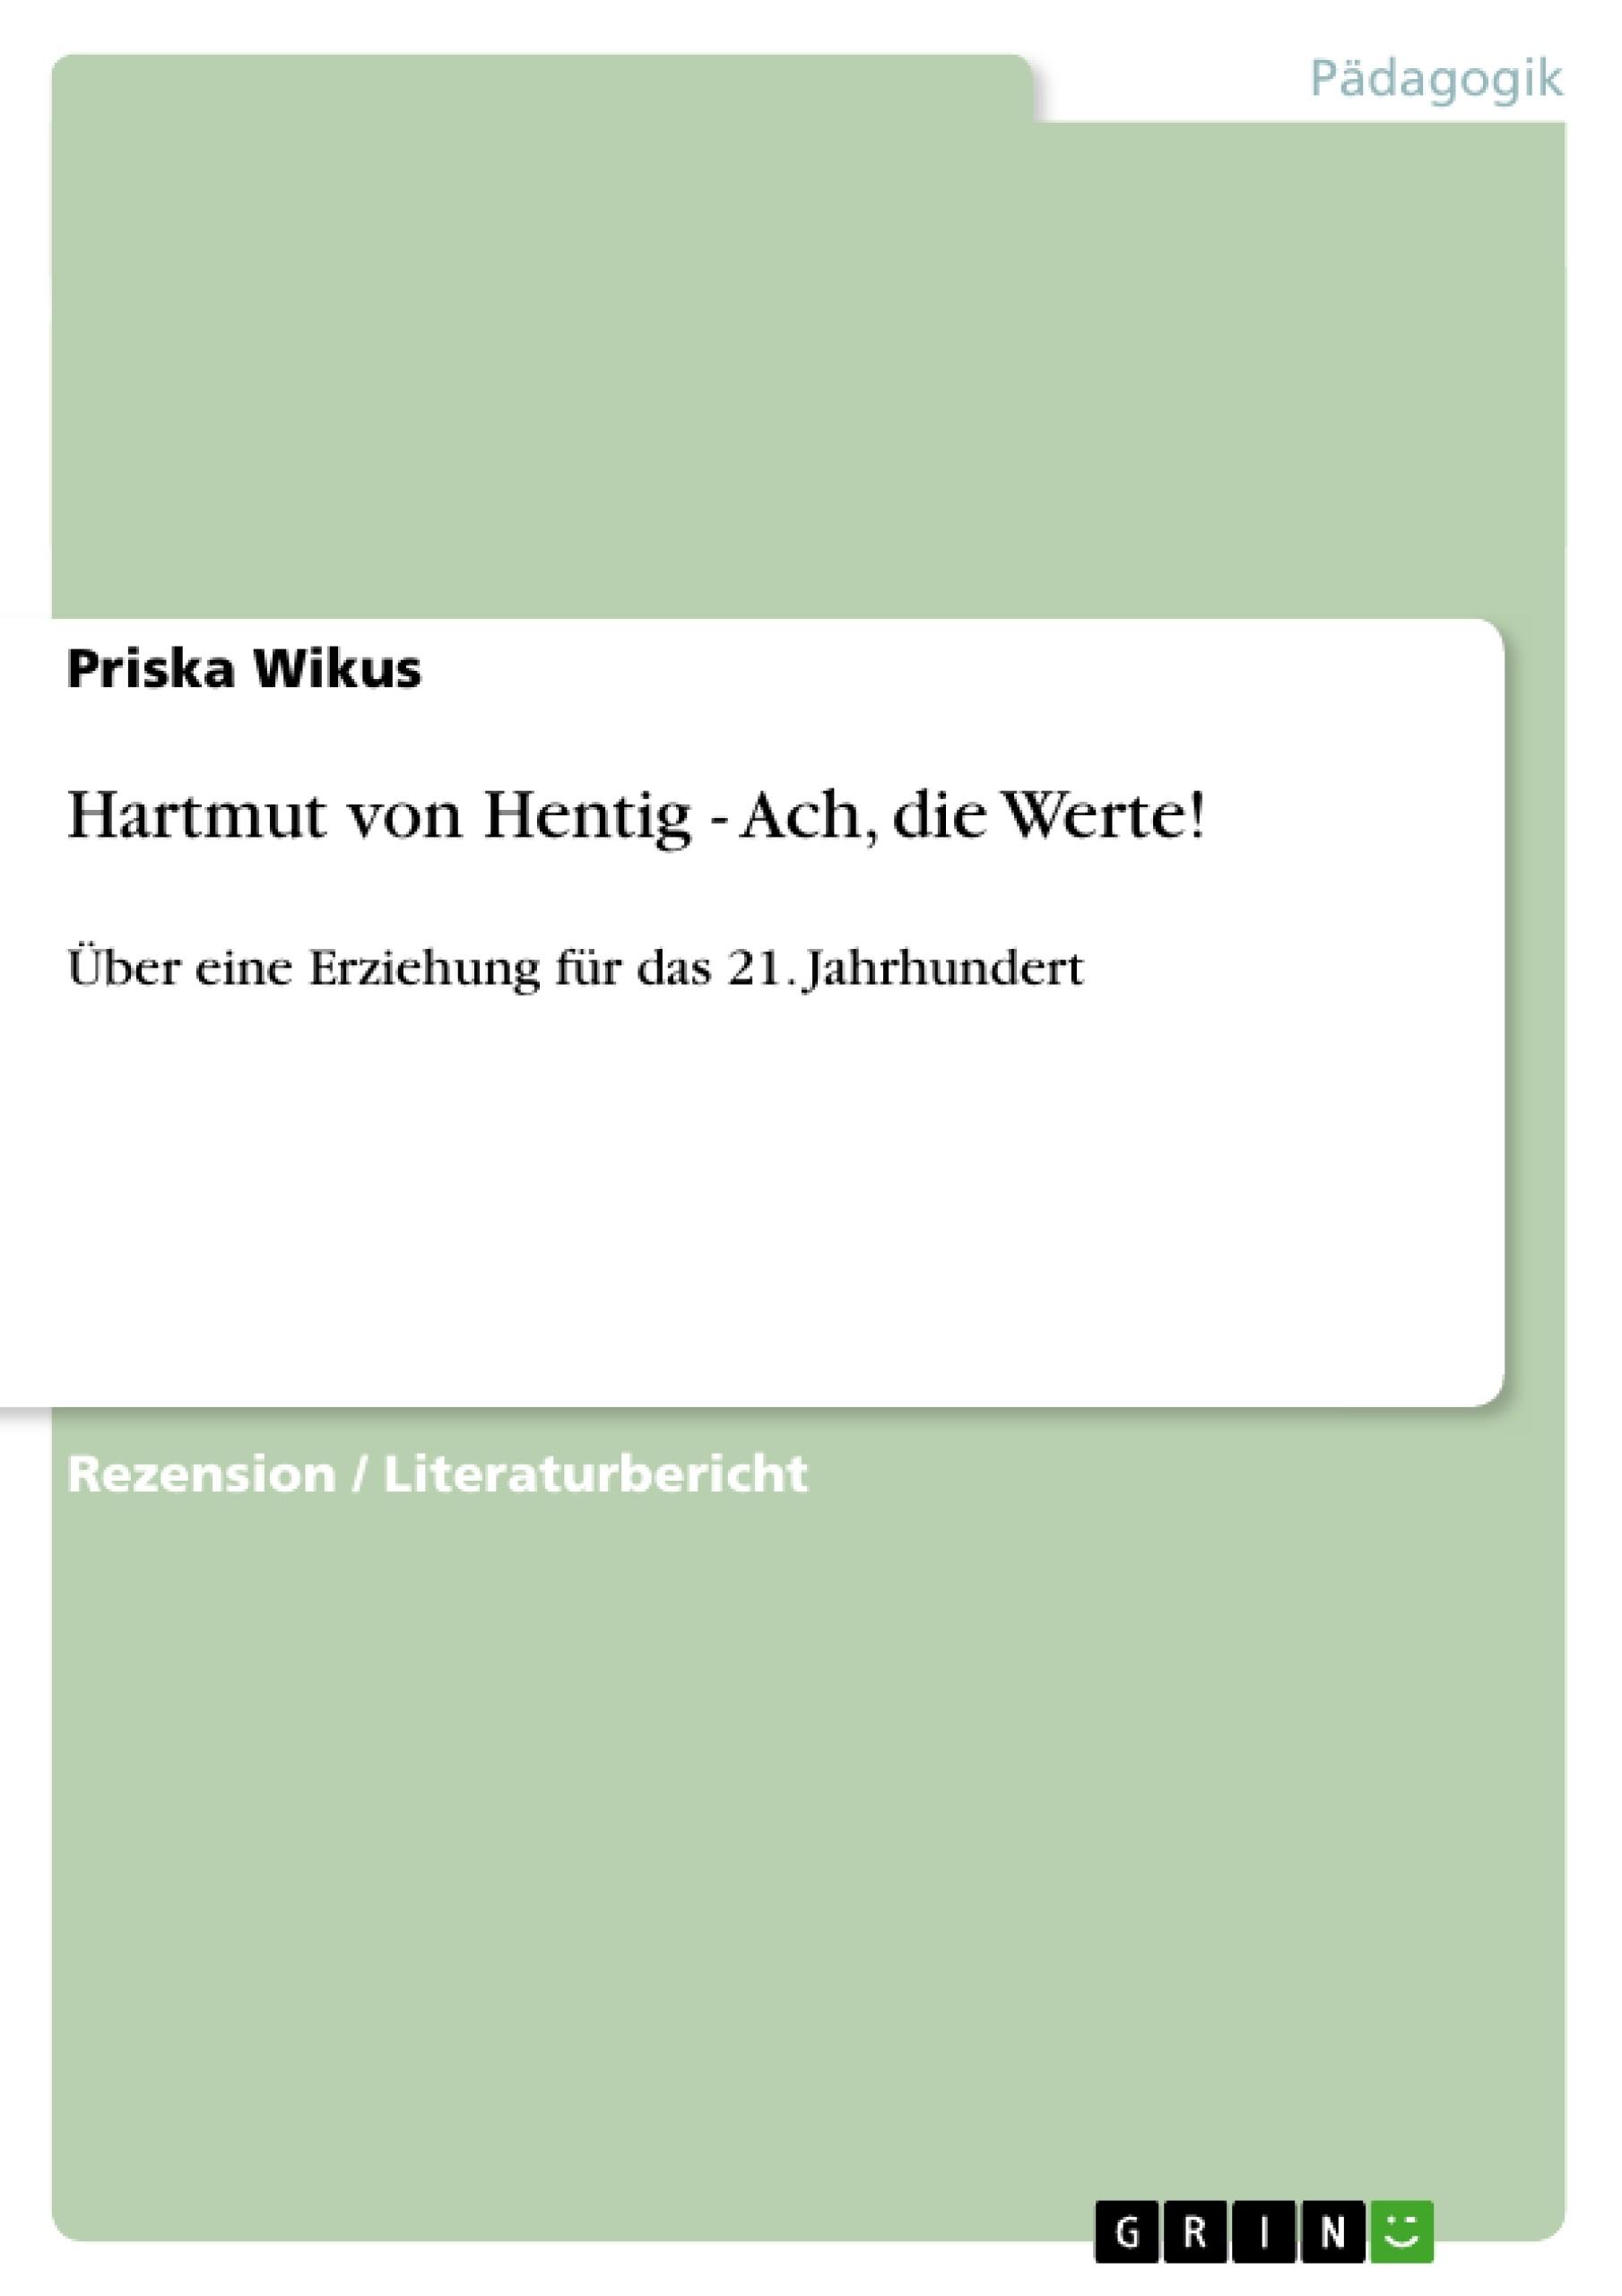 Titel: Hartmut von Hentig - Ach, die Werte!